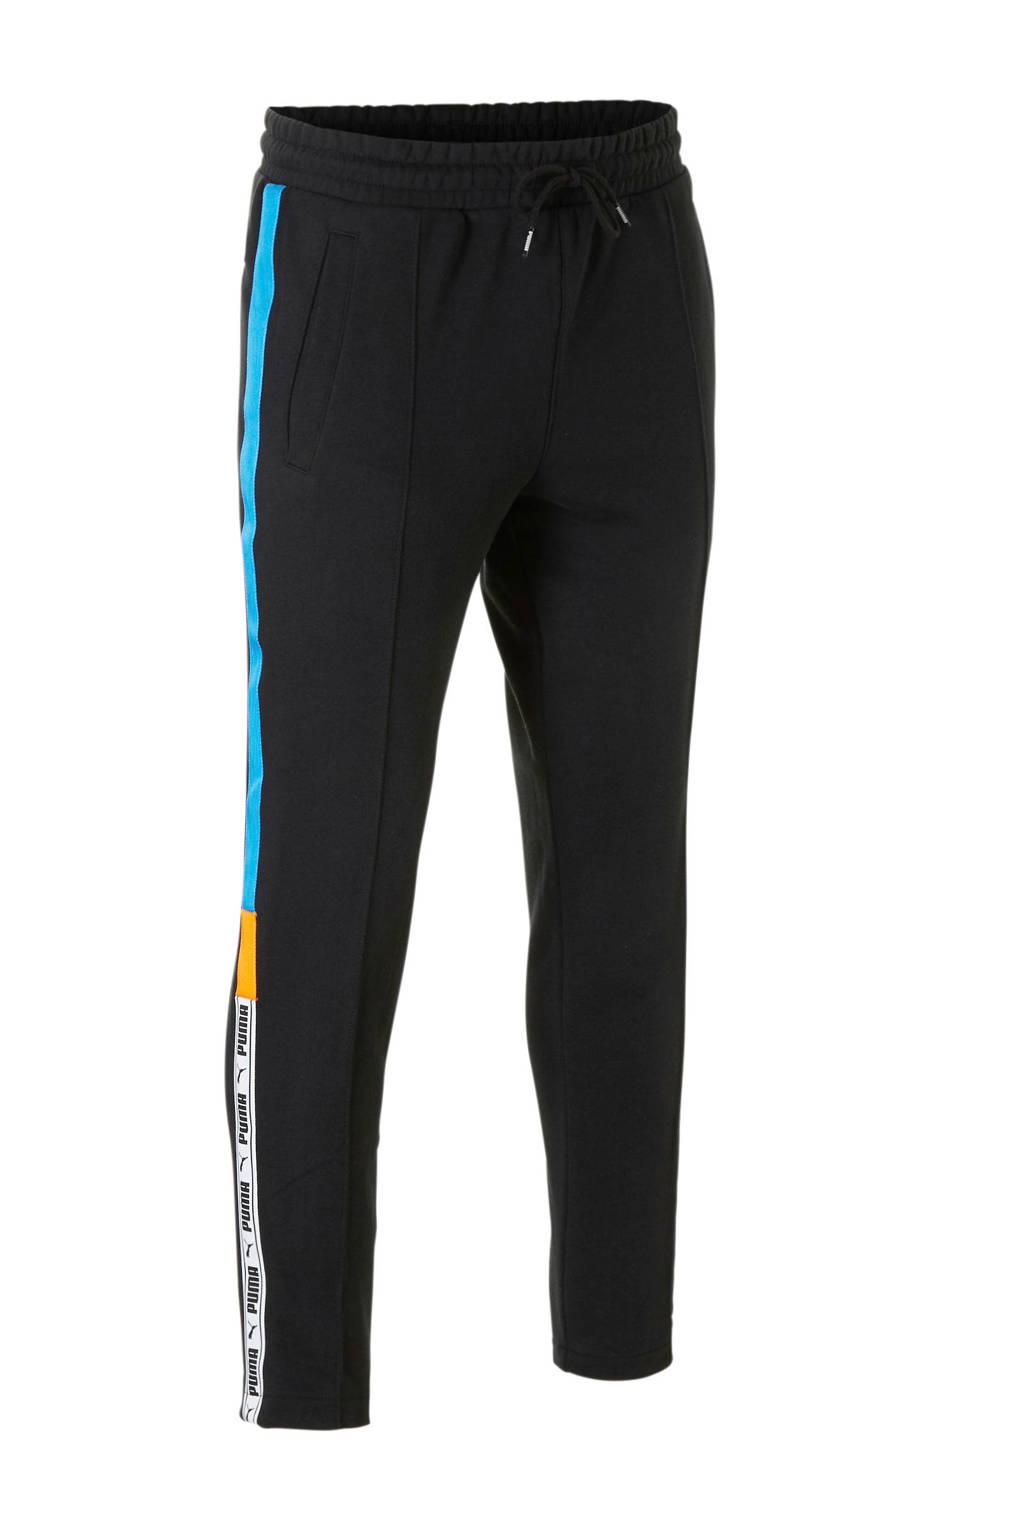 Puma 7/8 joggingbroek met zijstreep zwart/blauw, Zwart/blauw/oranje/wit